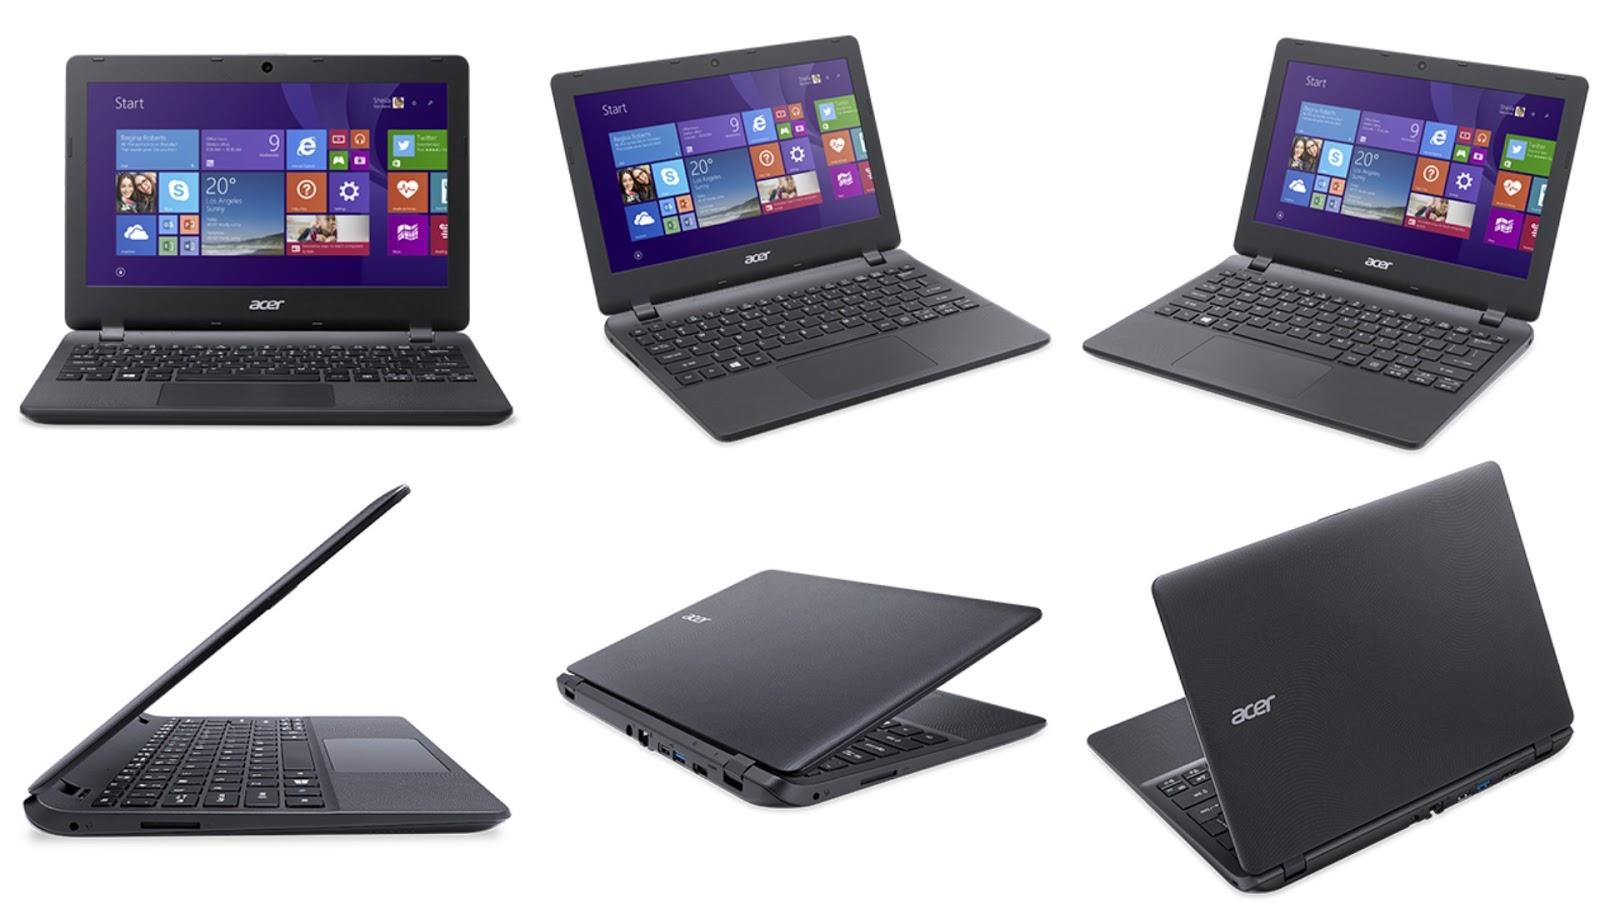 Spesifikasi Dan Harga Acer Aspire ES1 111 Laptop 3 Jutaan